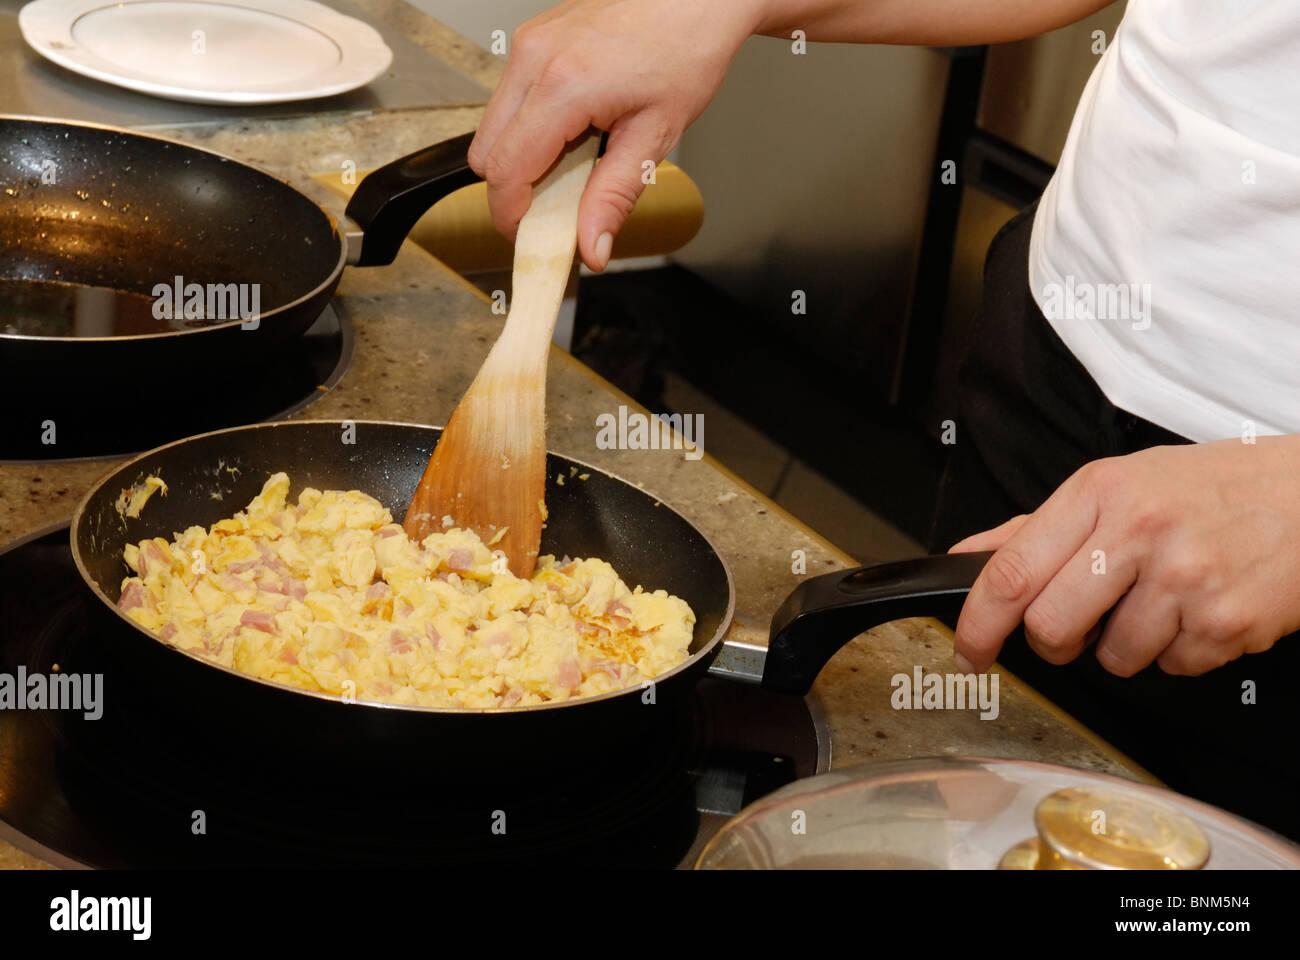 cook preparing scrambled eggs in a pan - Stock Image